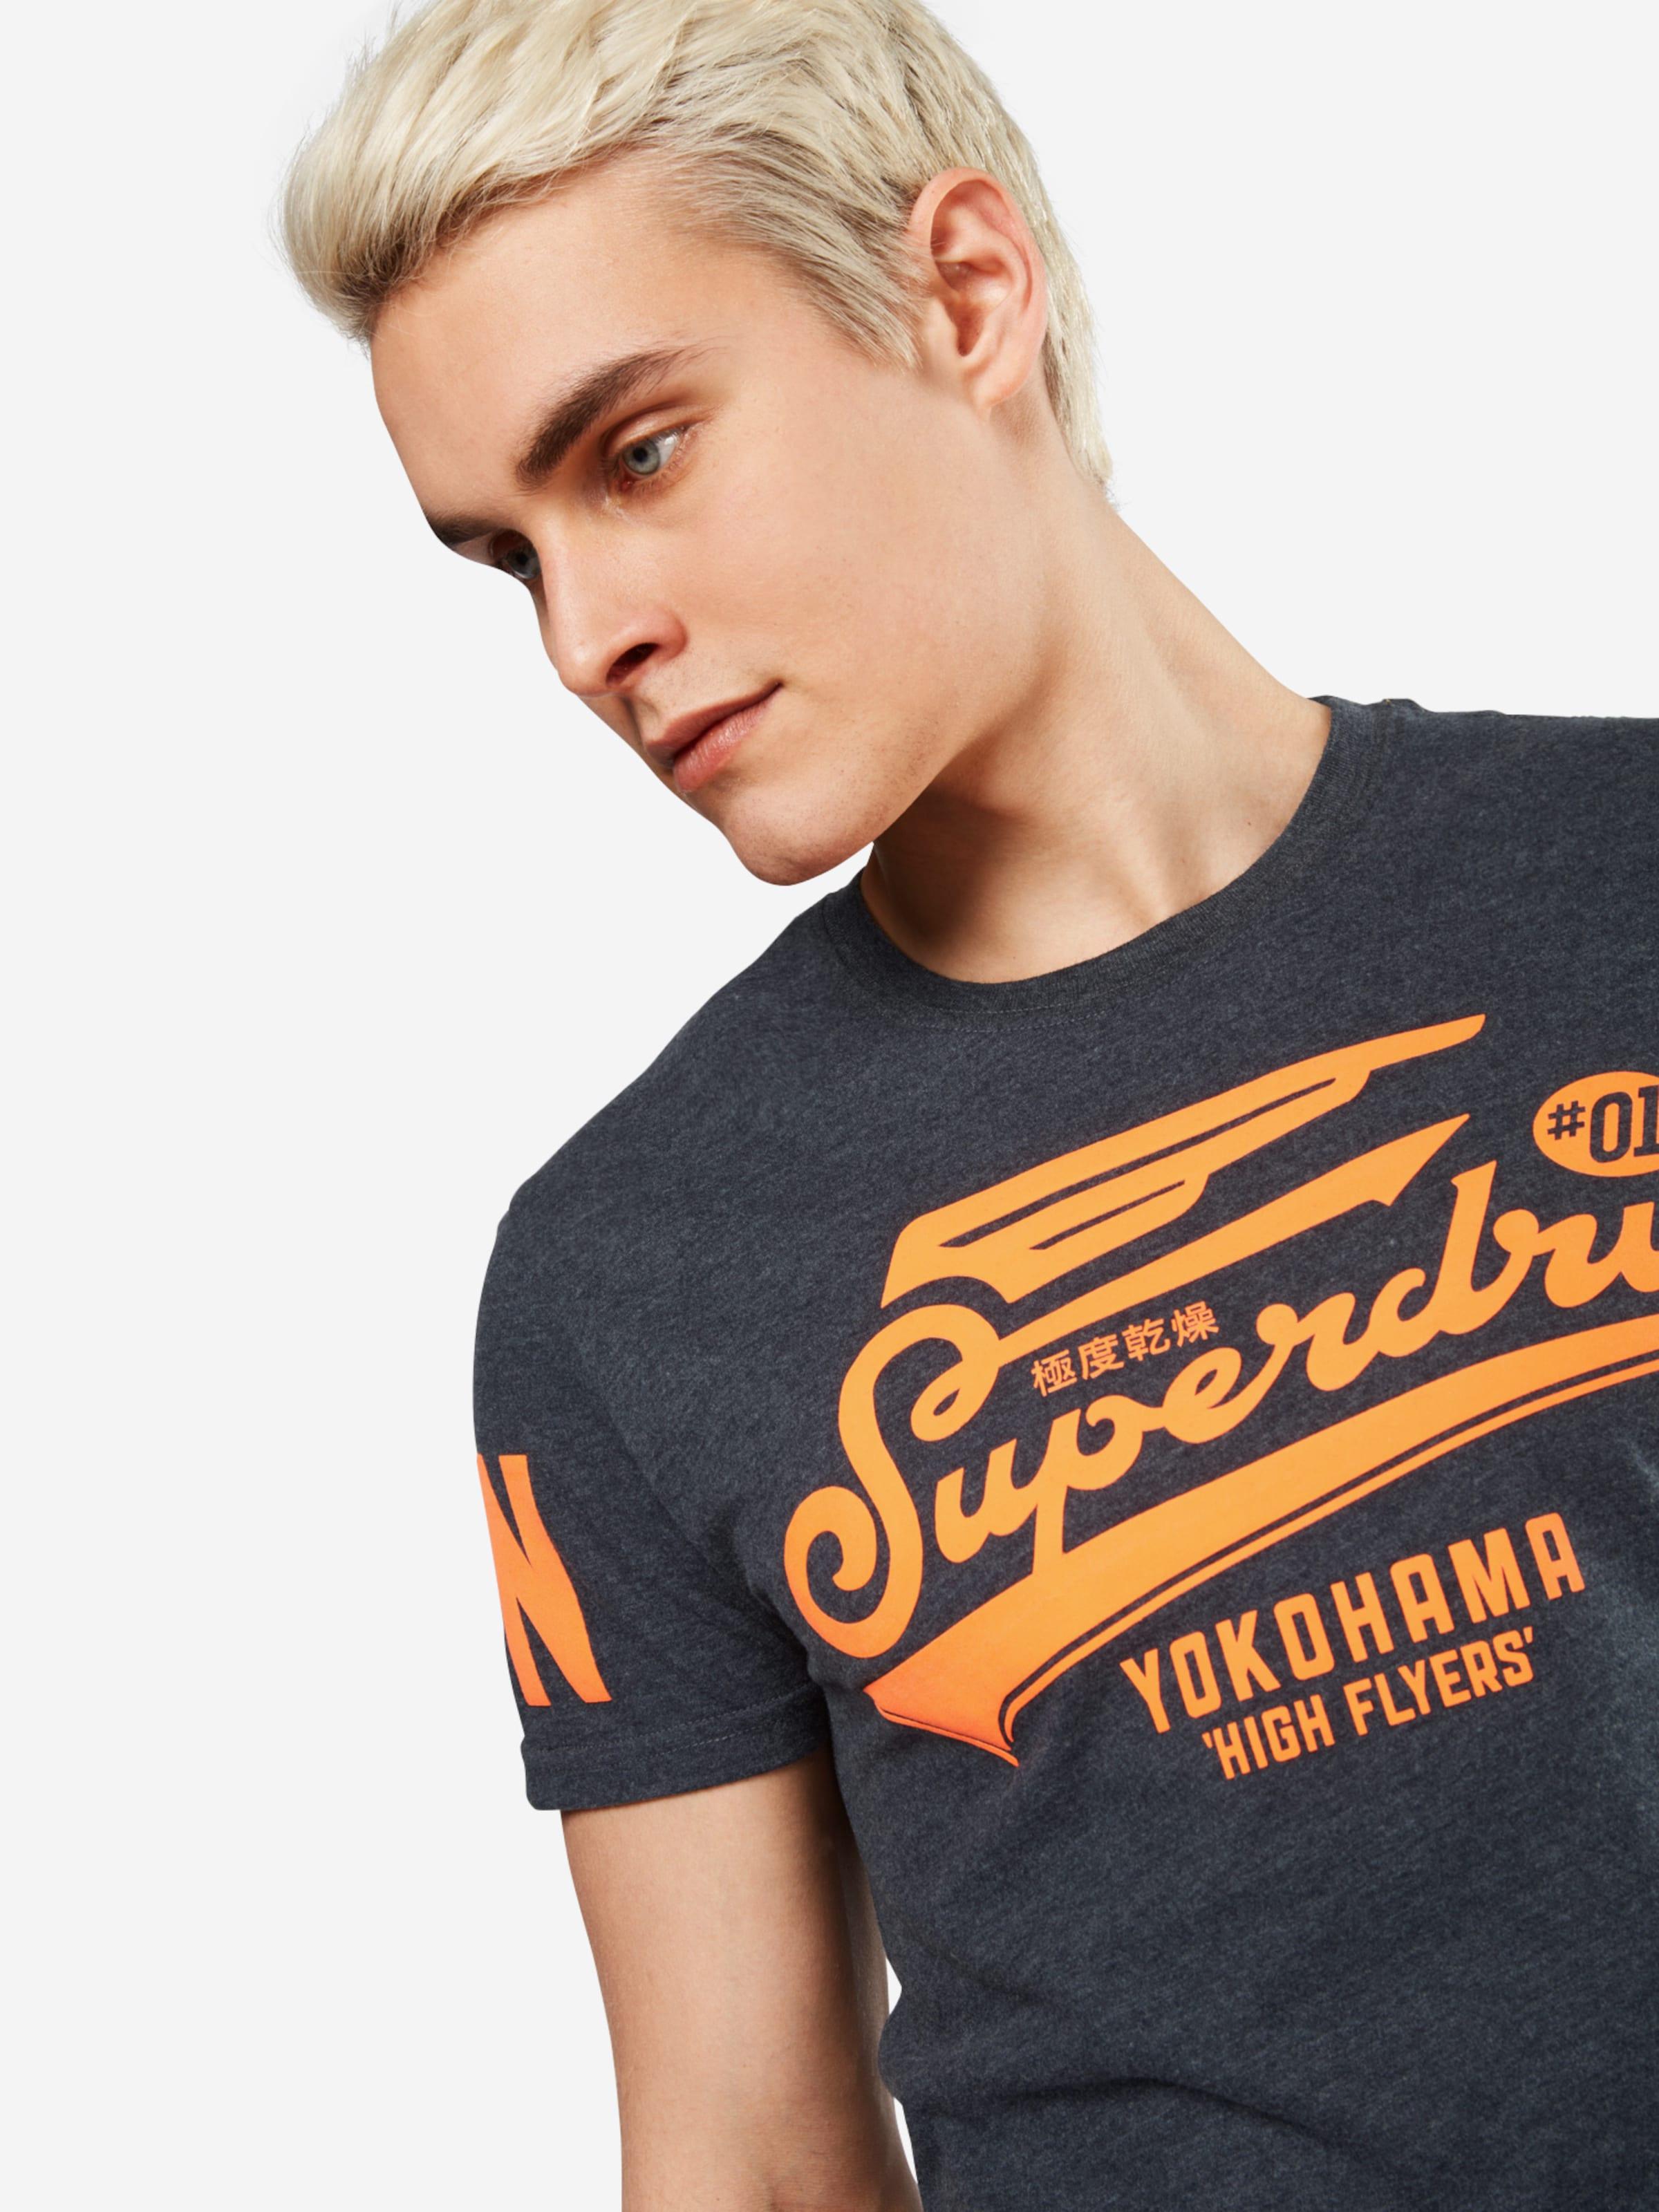 Superdry T-Shirt 'HIGH FLYERS LITE' Niedrigster Preis Verkauf Online Qualität Original Auslass Für Schön Jl44Io92e